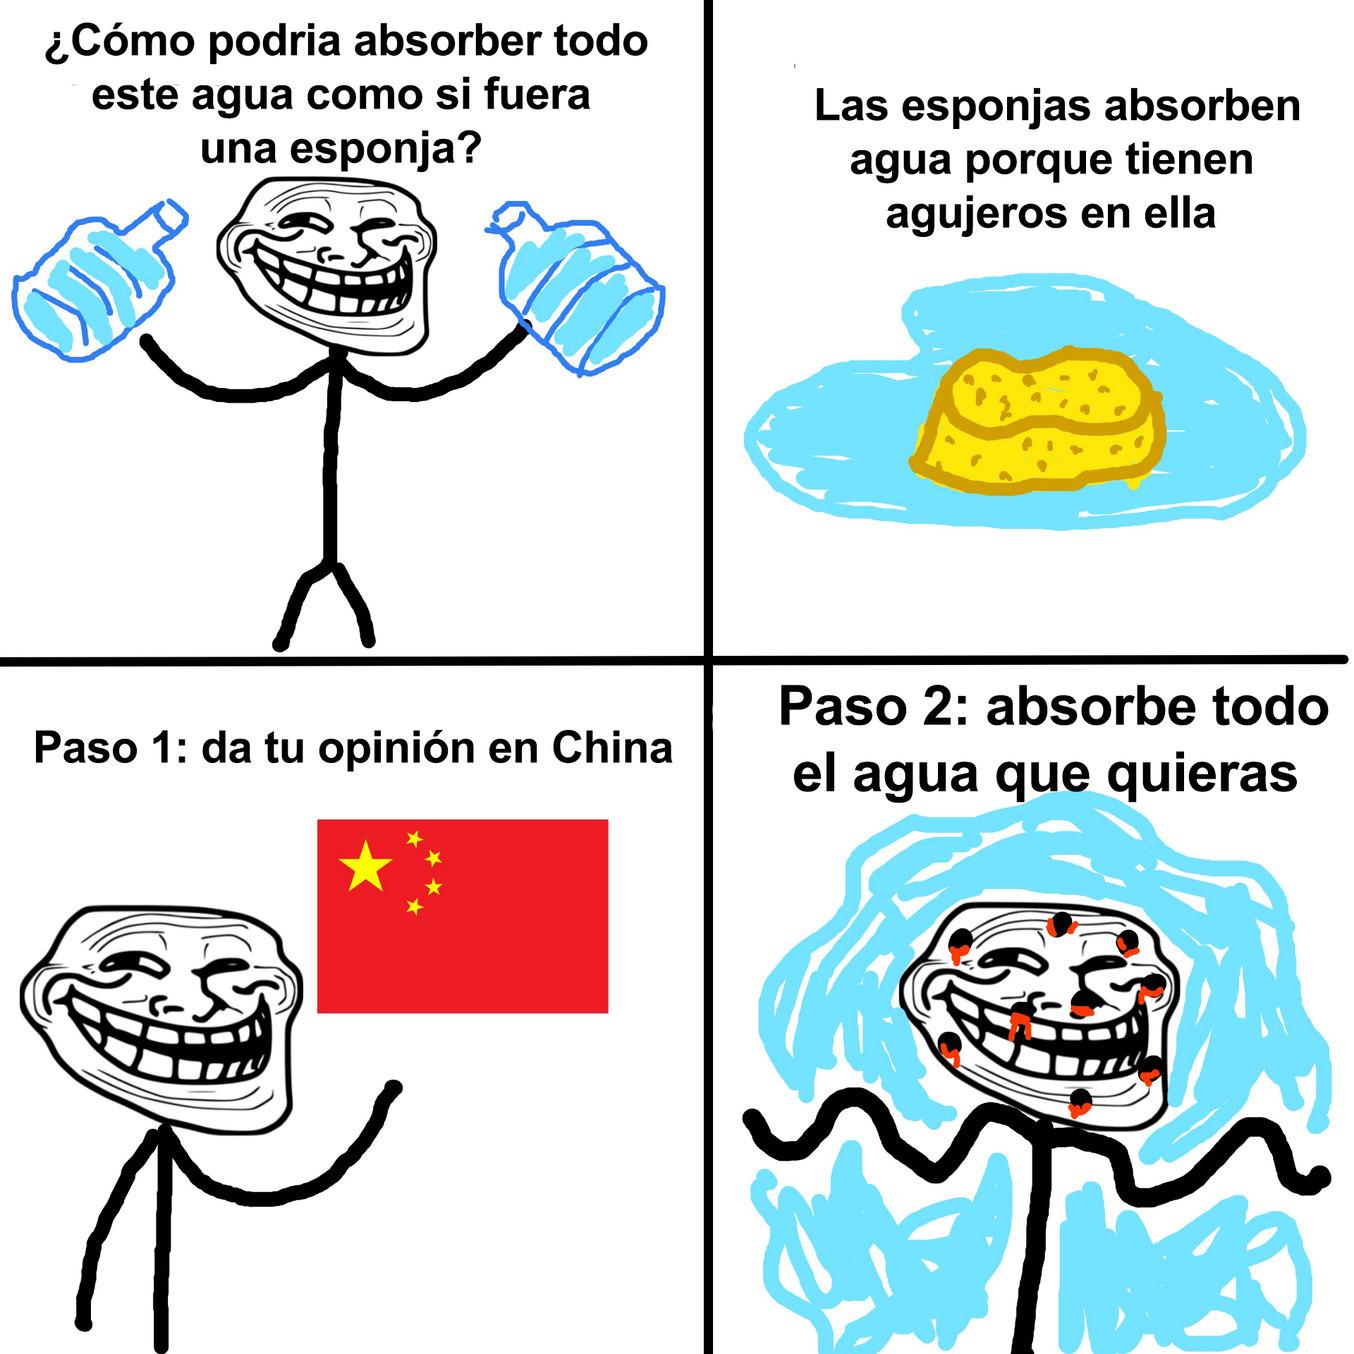 Genocidio xd - meme